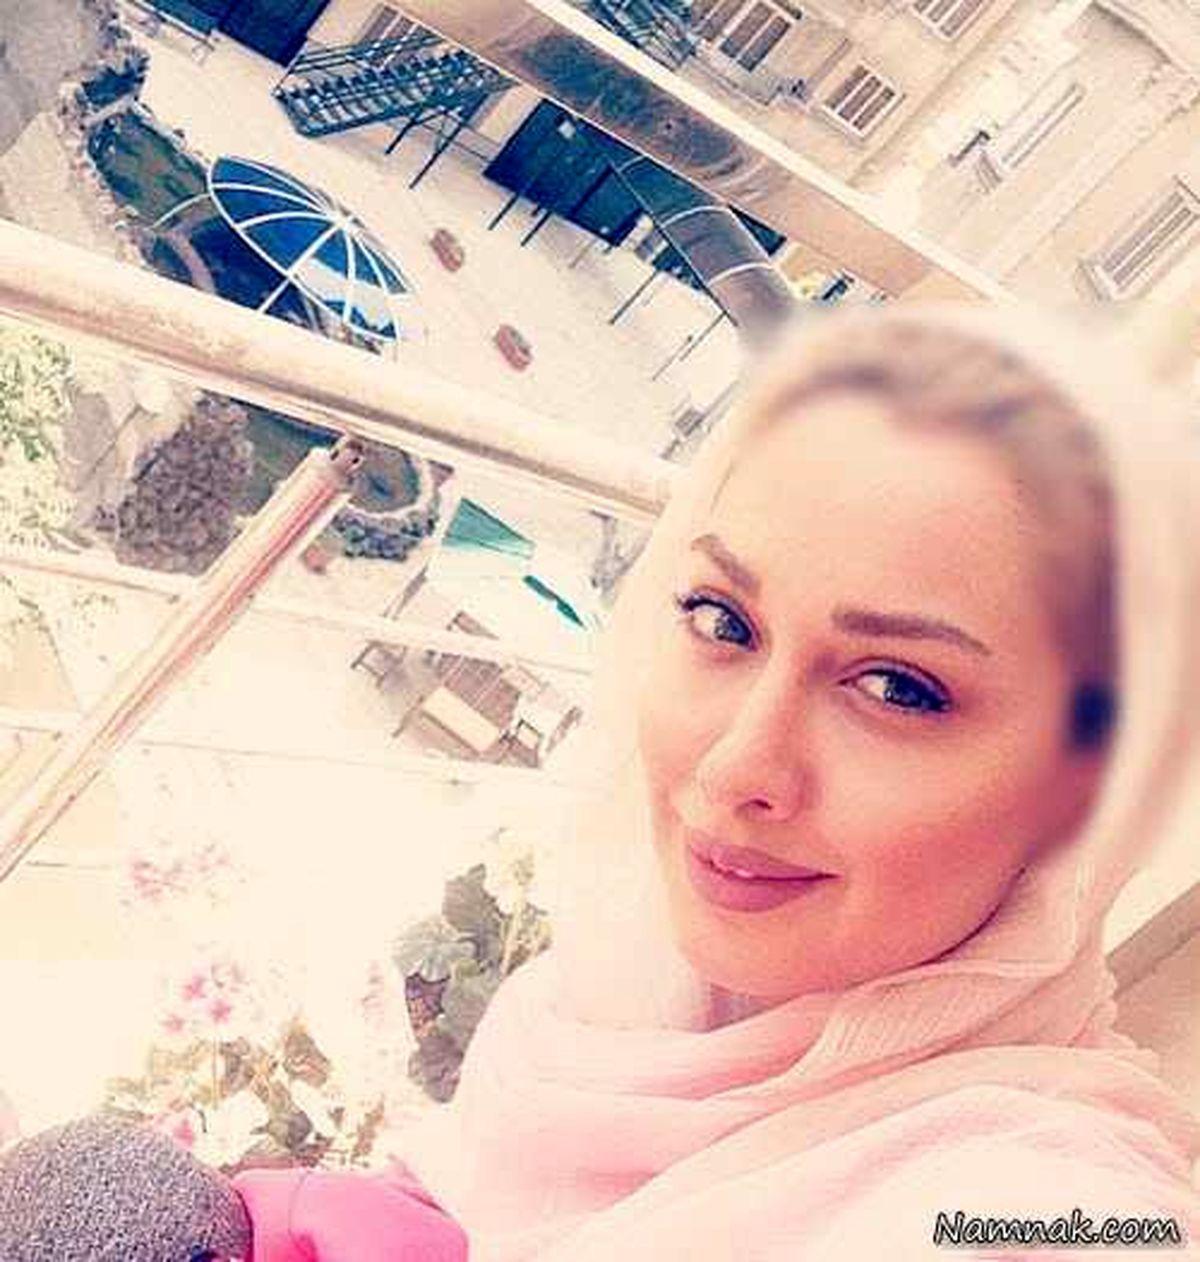 صدف طاهریان بازیگر و مدل جنجال ساز ایرانی ازدواج کرد + عکس همسرش